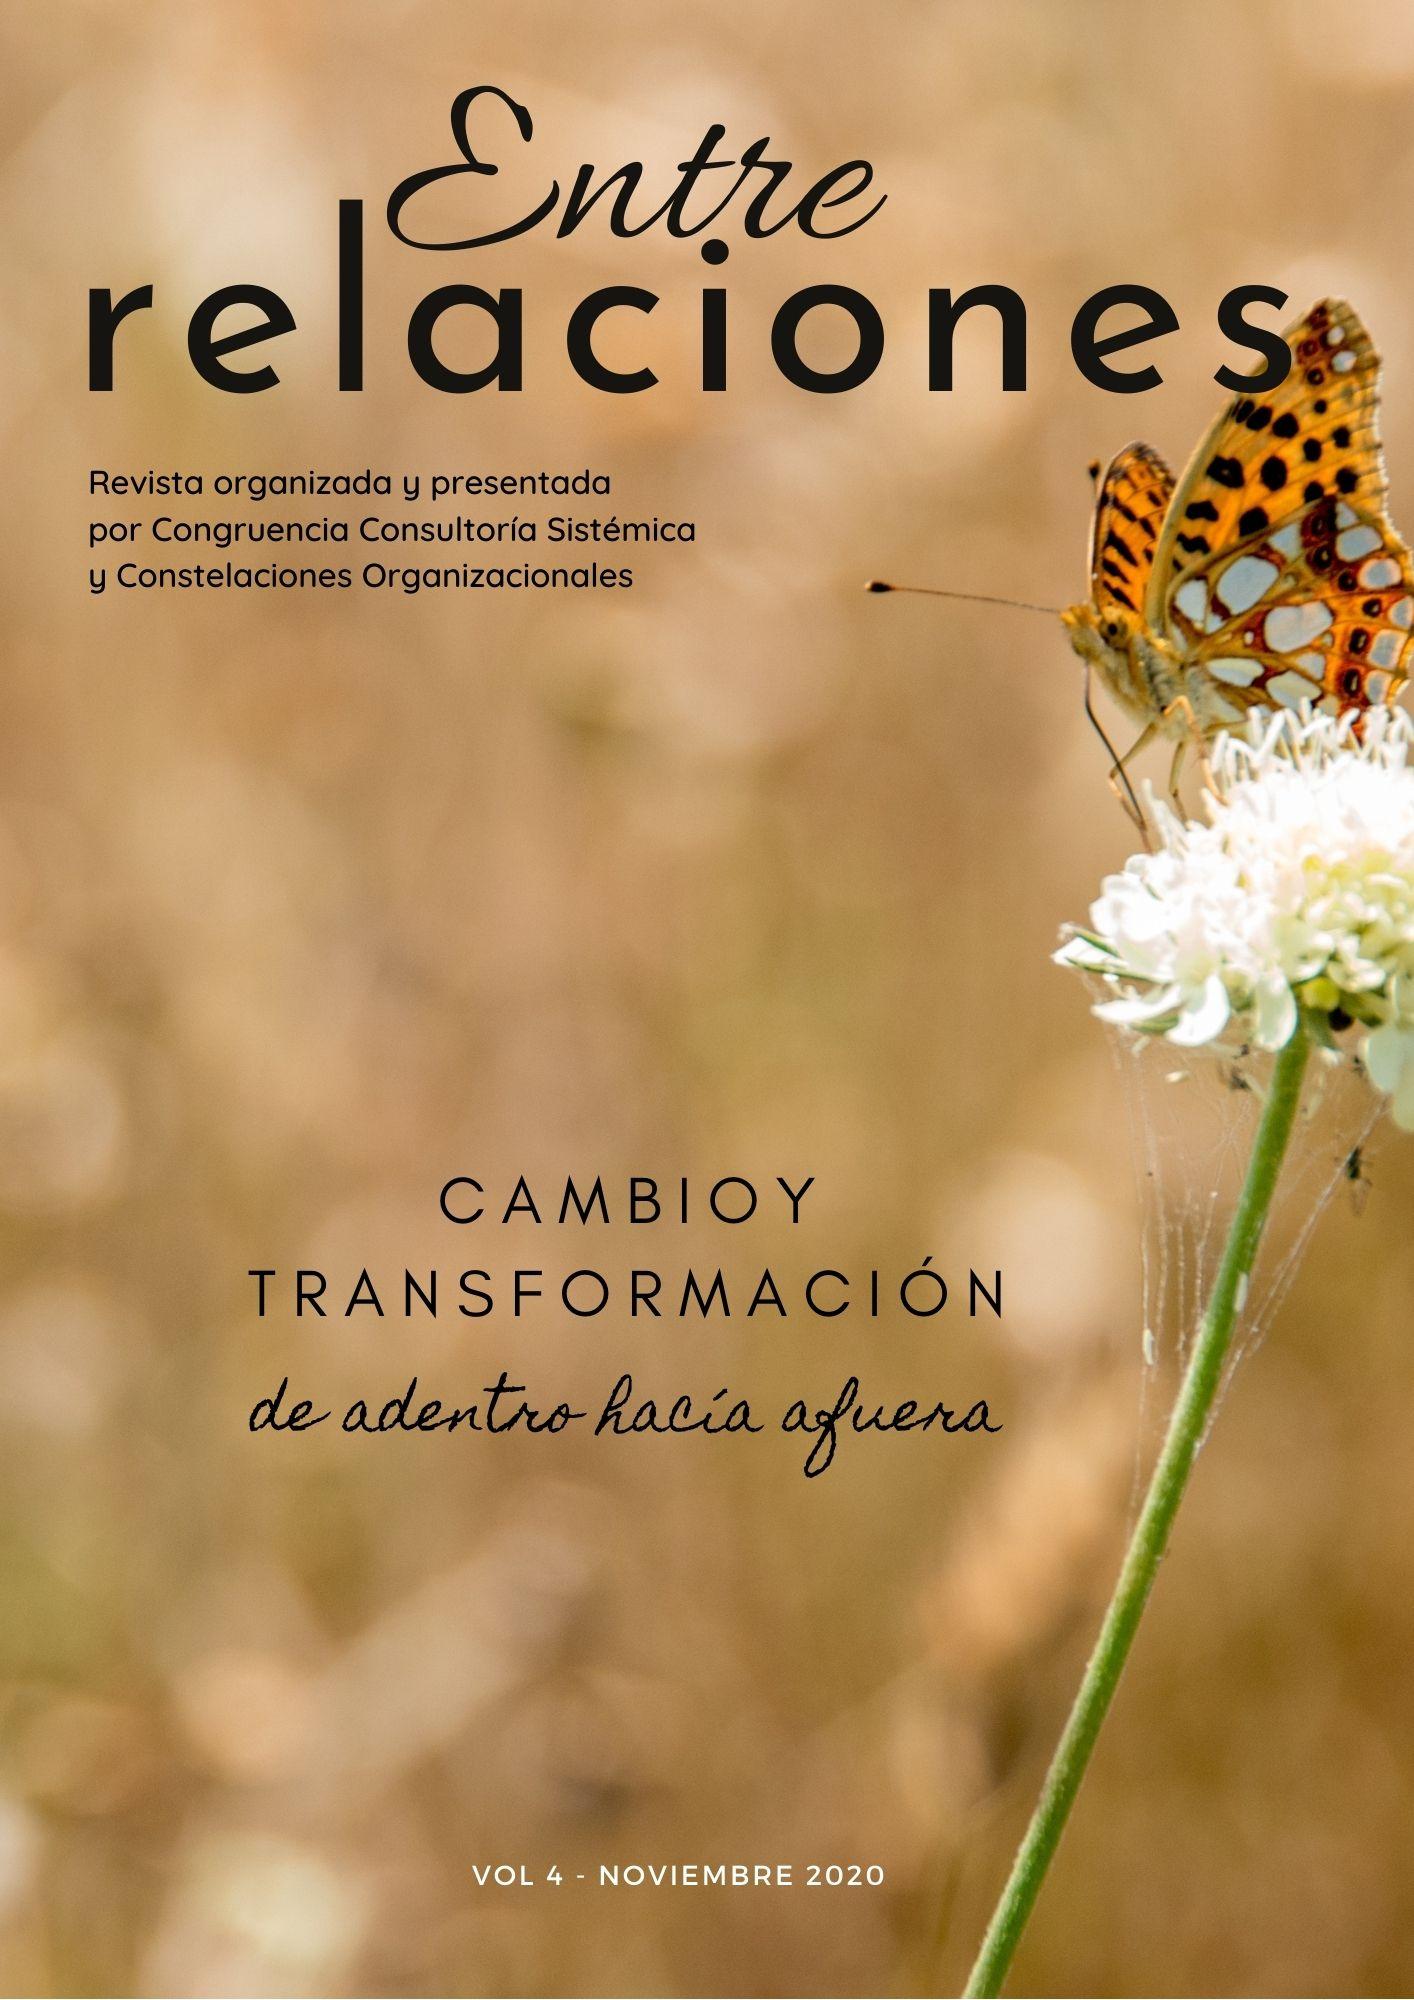 EntreRelaciones - Magazine Sistémico 4ta edición